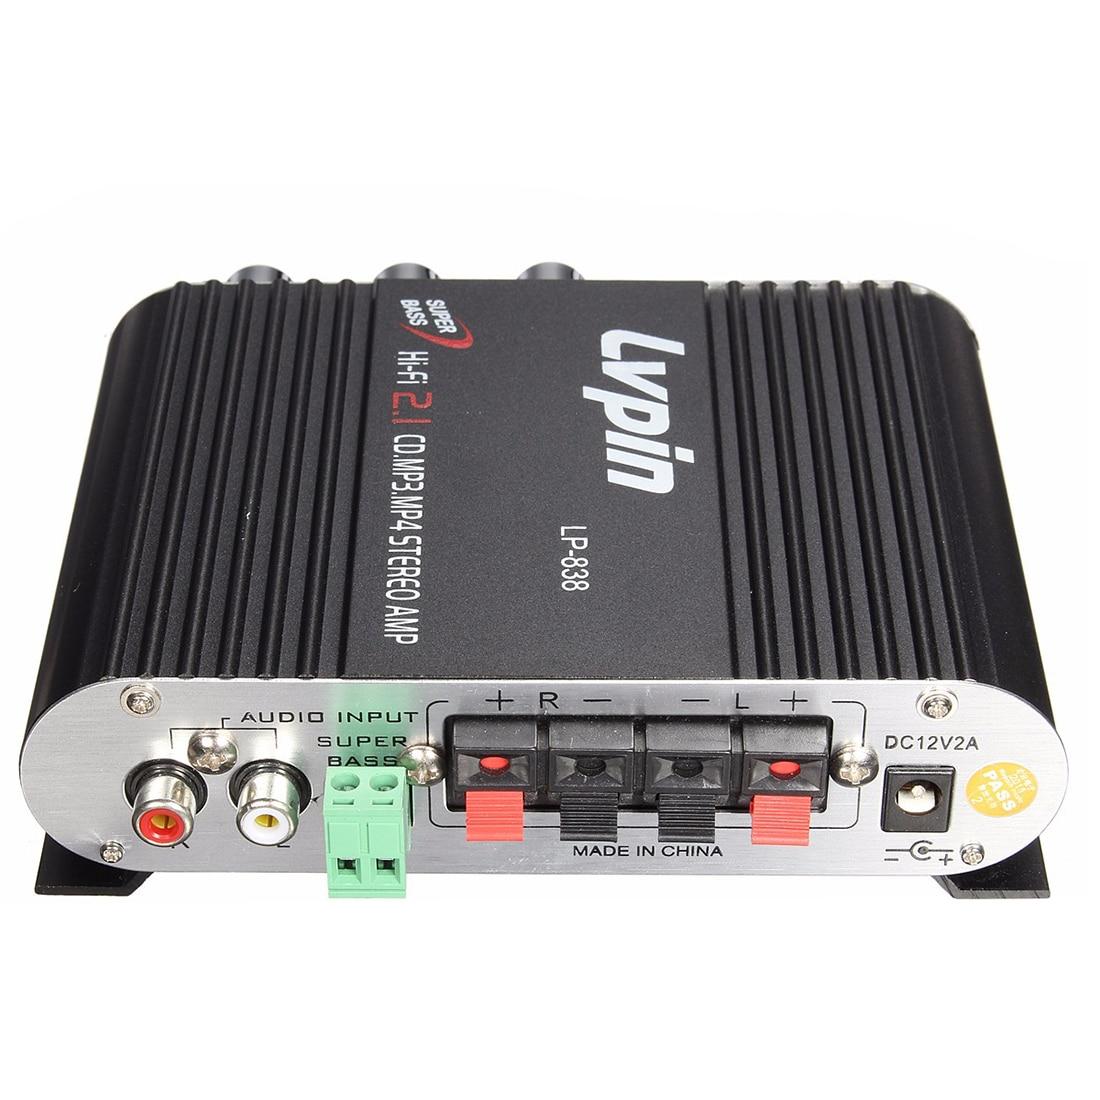 ATS PER LVPIN 12 v 200 w Mini Hi-Fi Stereo Amplificatore MP3 Auto Radio Canali 2 Casa Super Bass